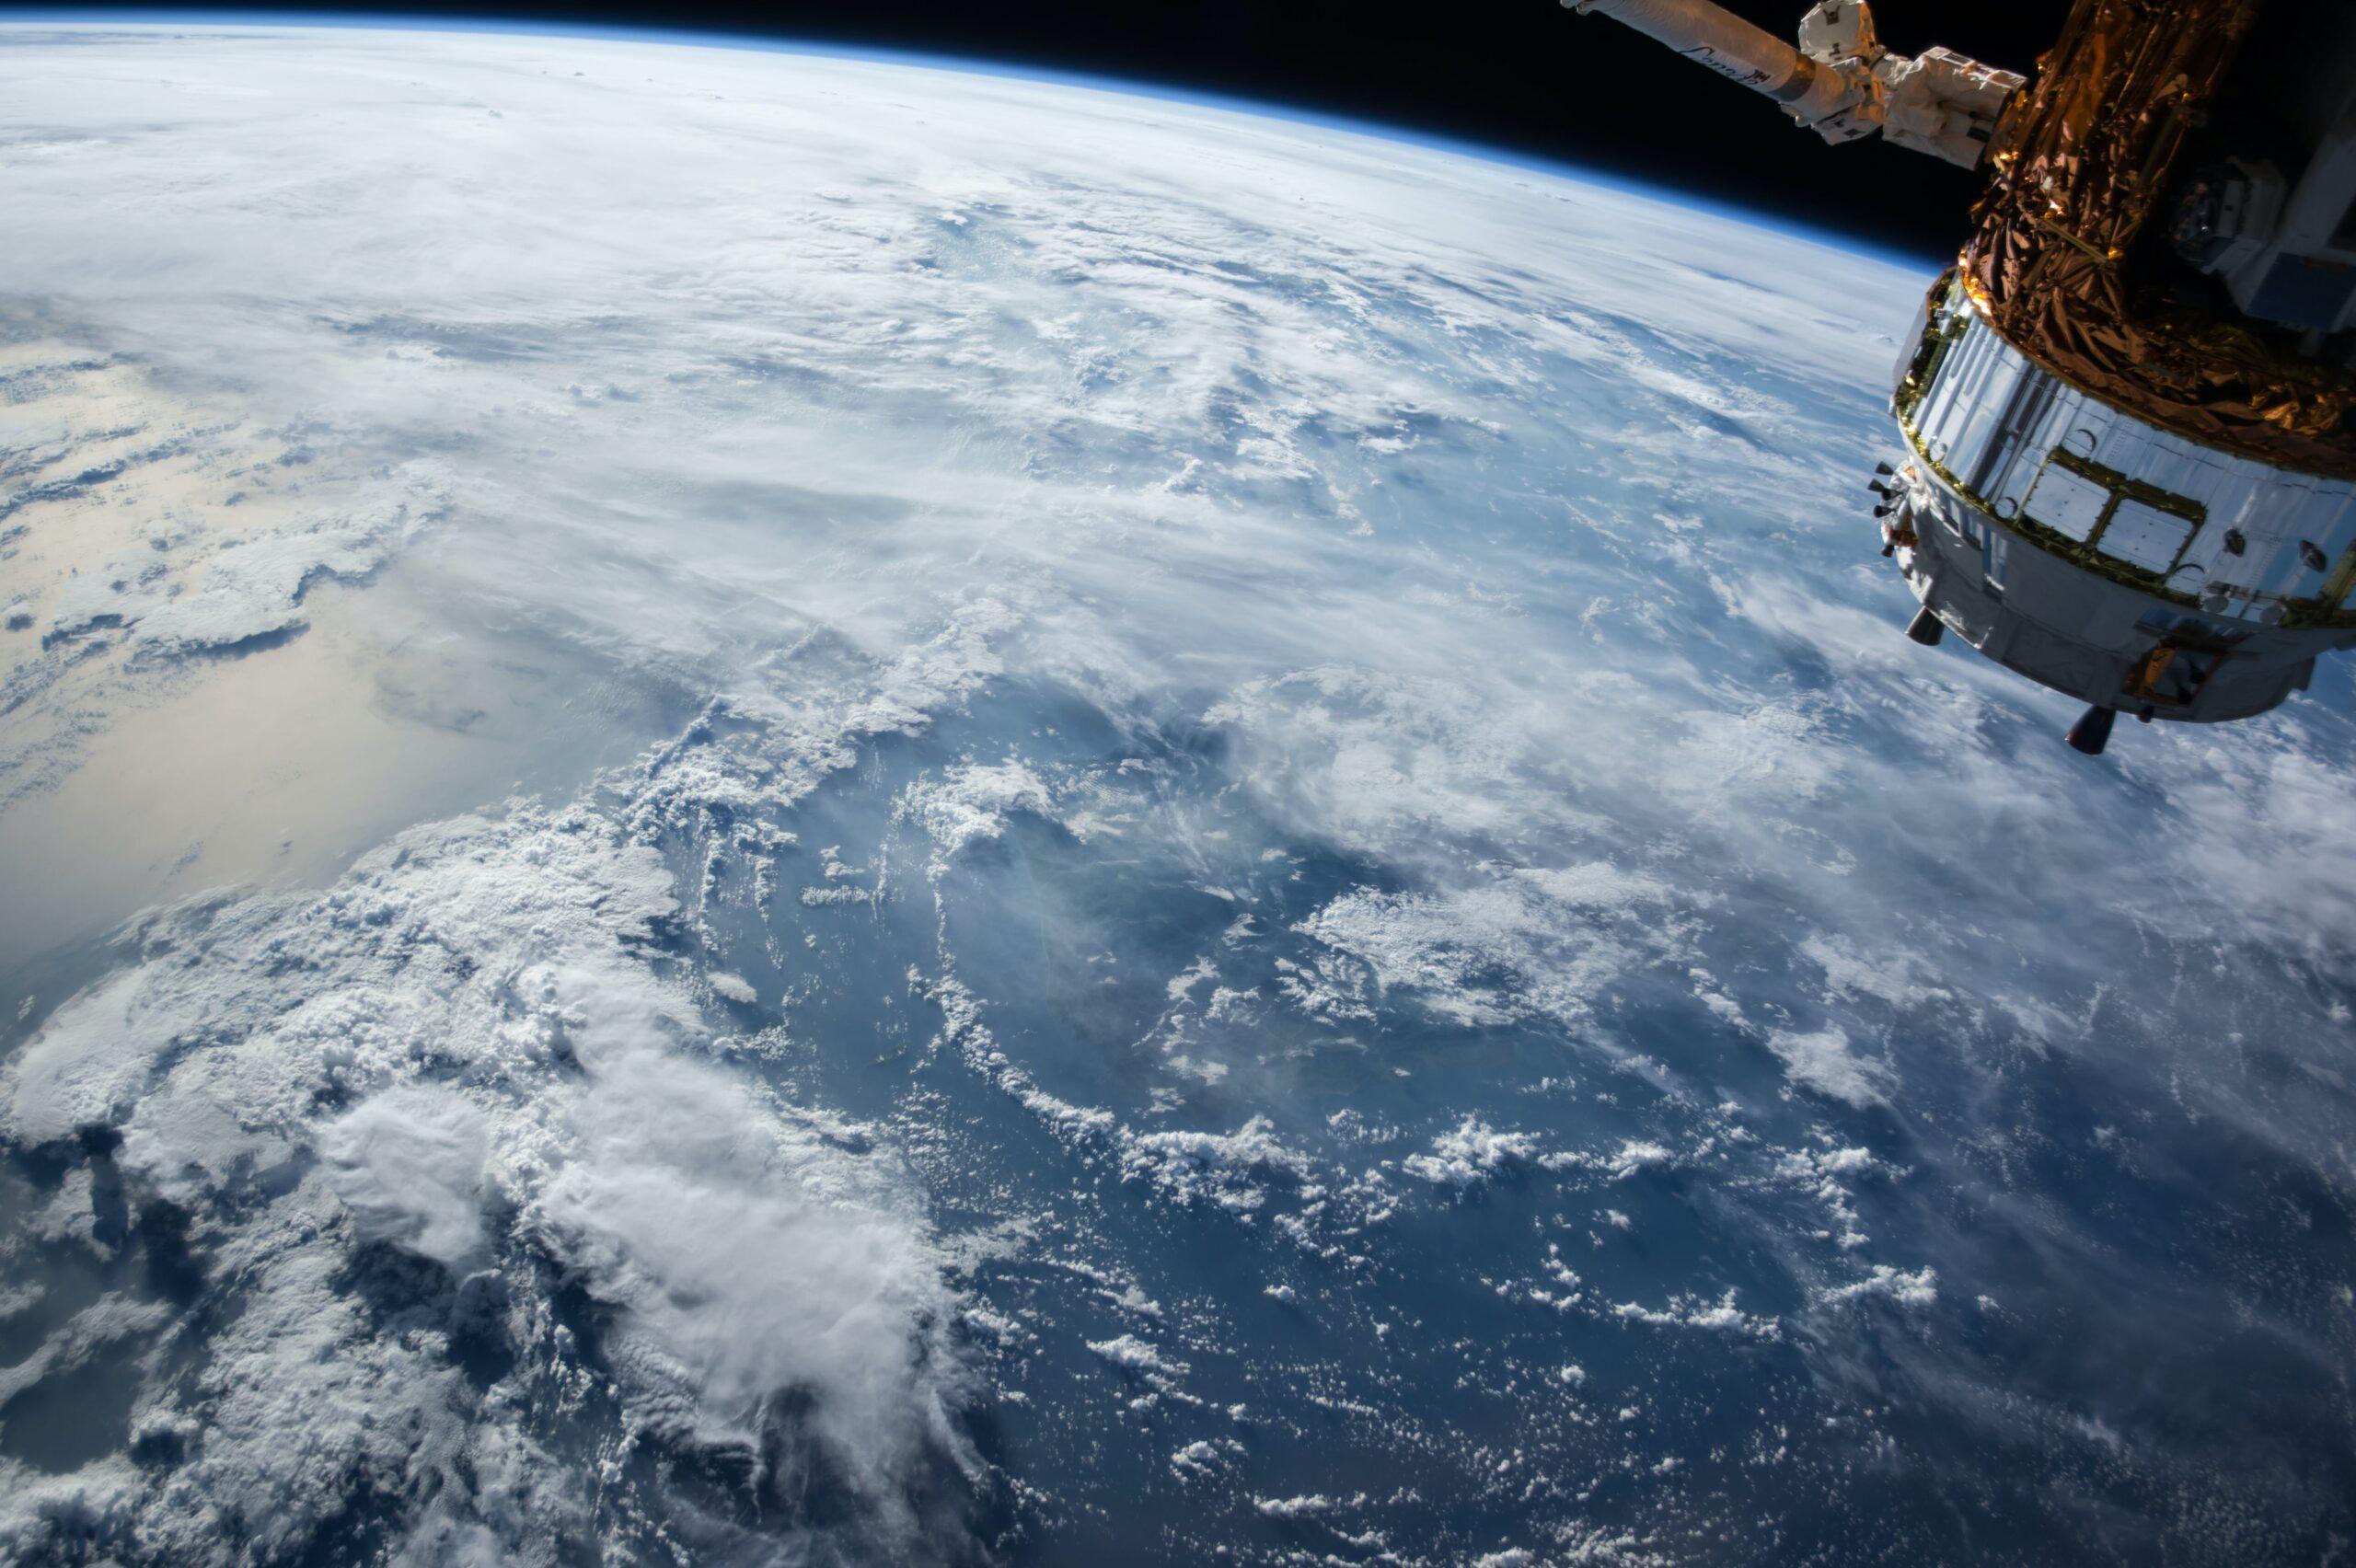 「食力」上太空已經夠辛苦了!太空人也需要美食來撫慰